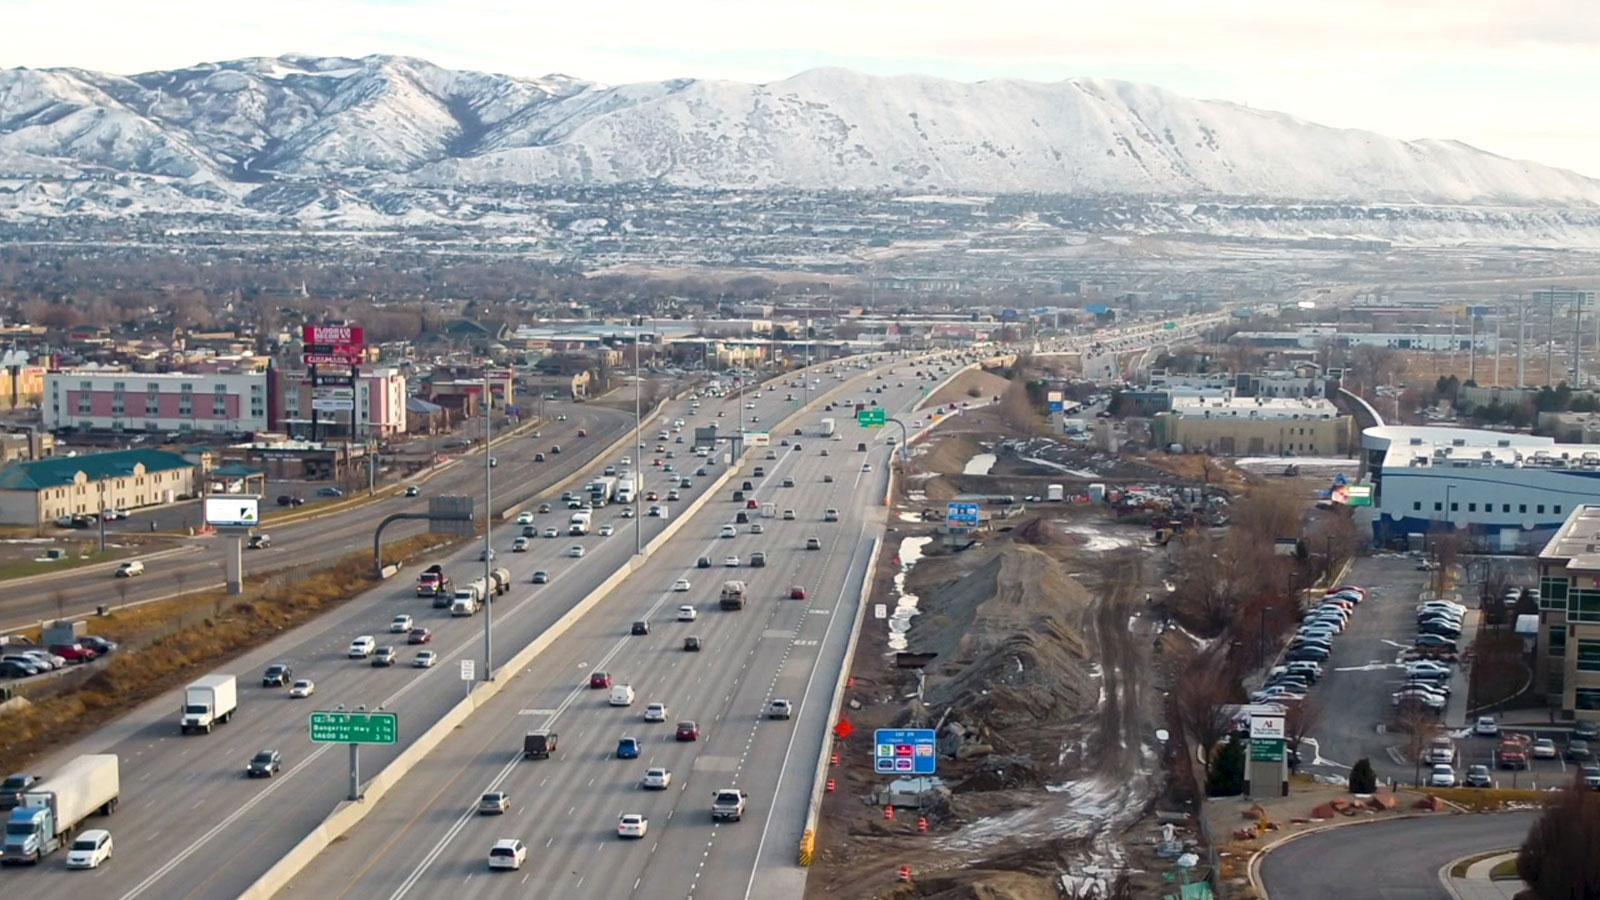 写真:交通局と「Cirrus」のプロジェクトが進む、ユタ州のハイウェイの様子